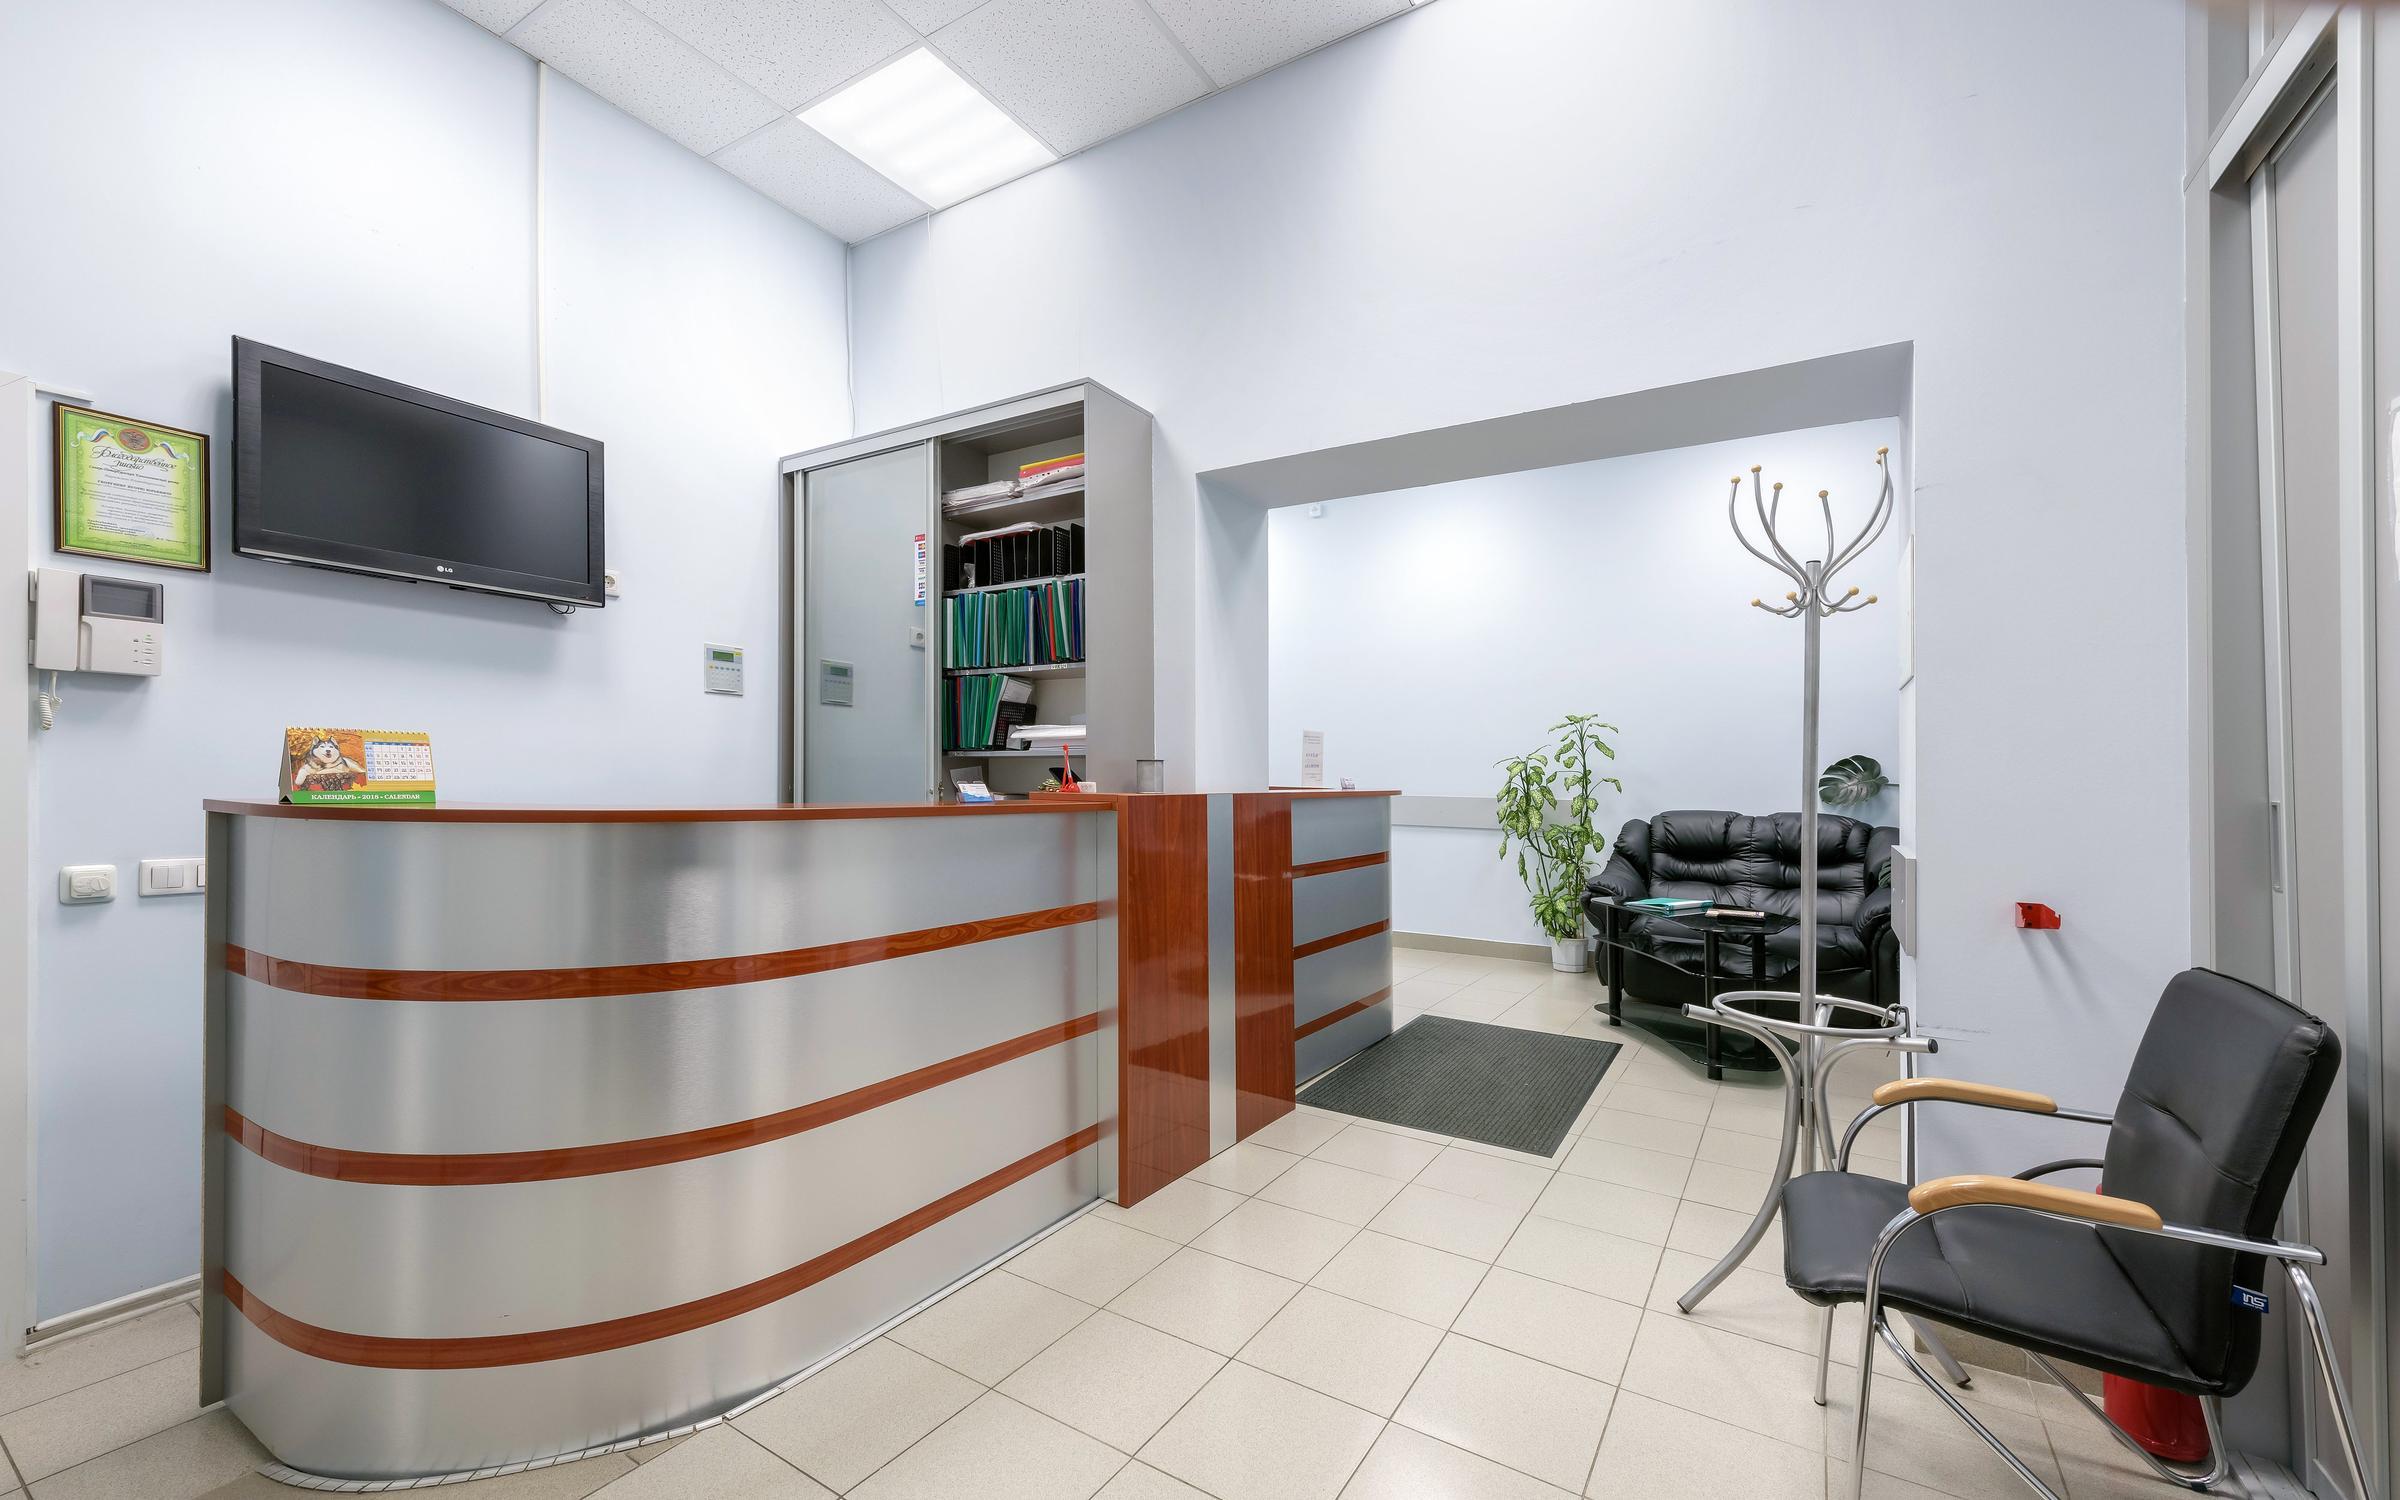 фотография Медицинского центра Веракс-Мед на улице Ушинского